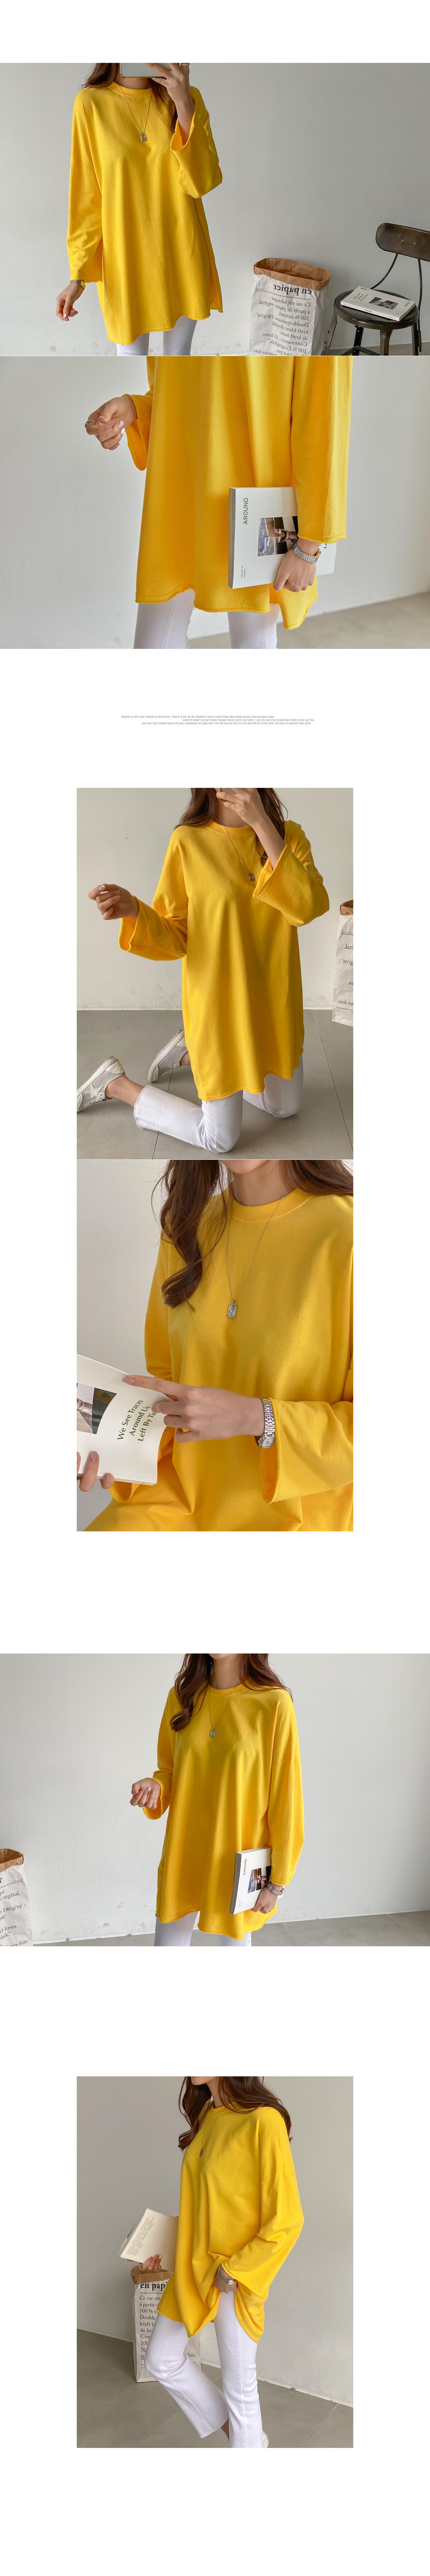 Colorful Boxy Boxy-fit T-shirt #108852